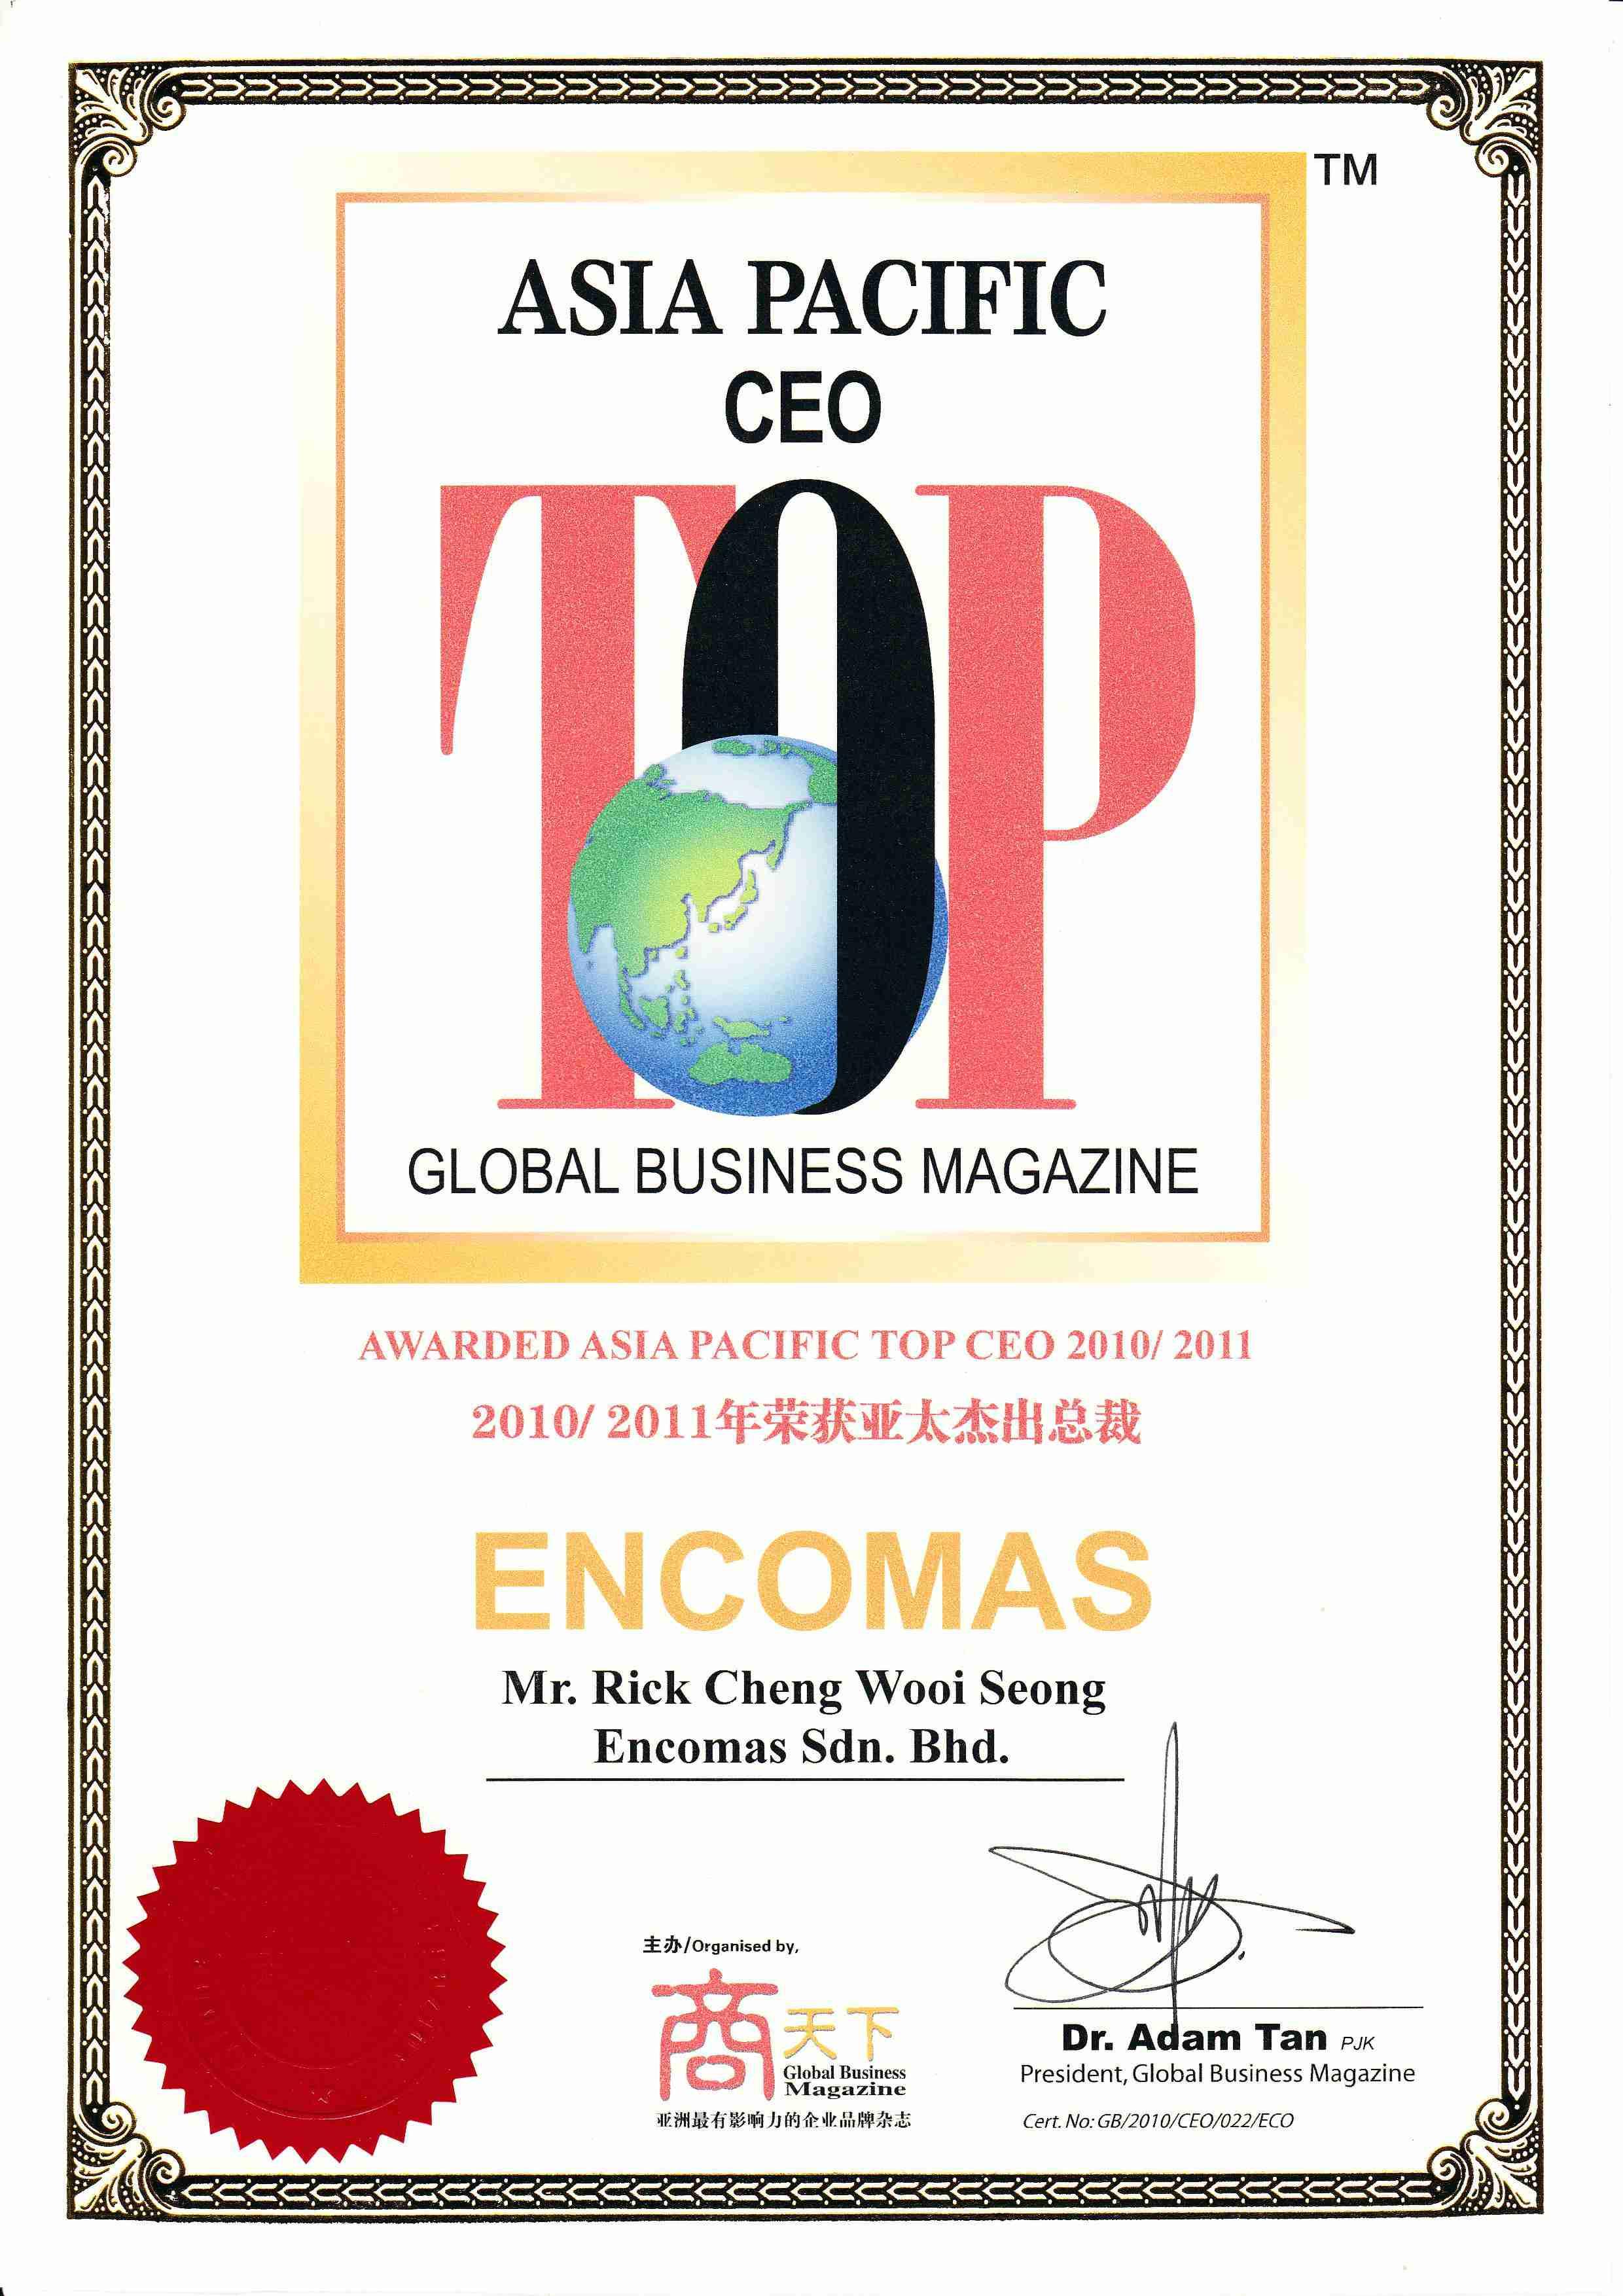 2010_2011 Aisa Pacific Top CEO Award